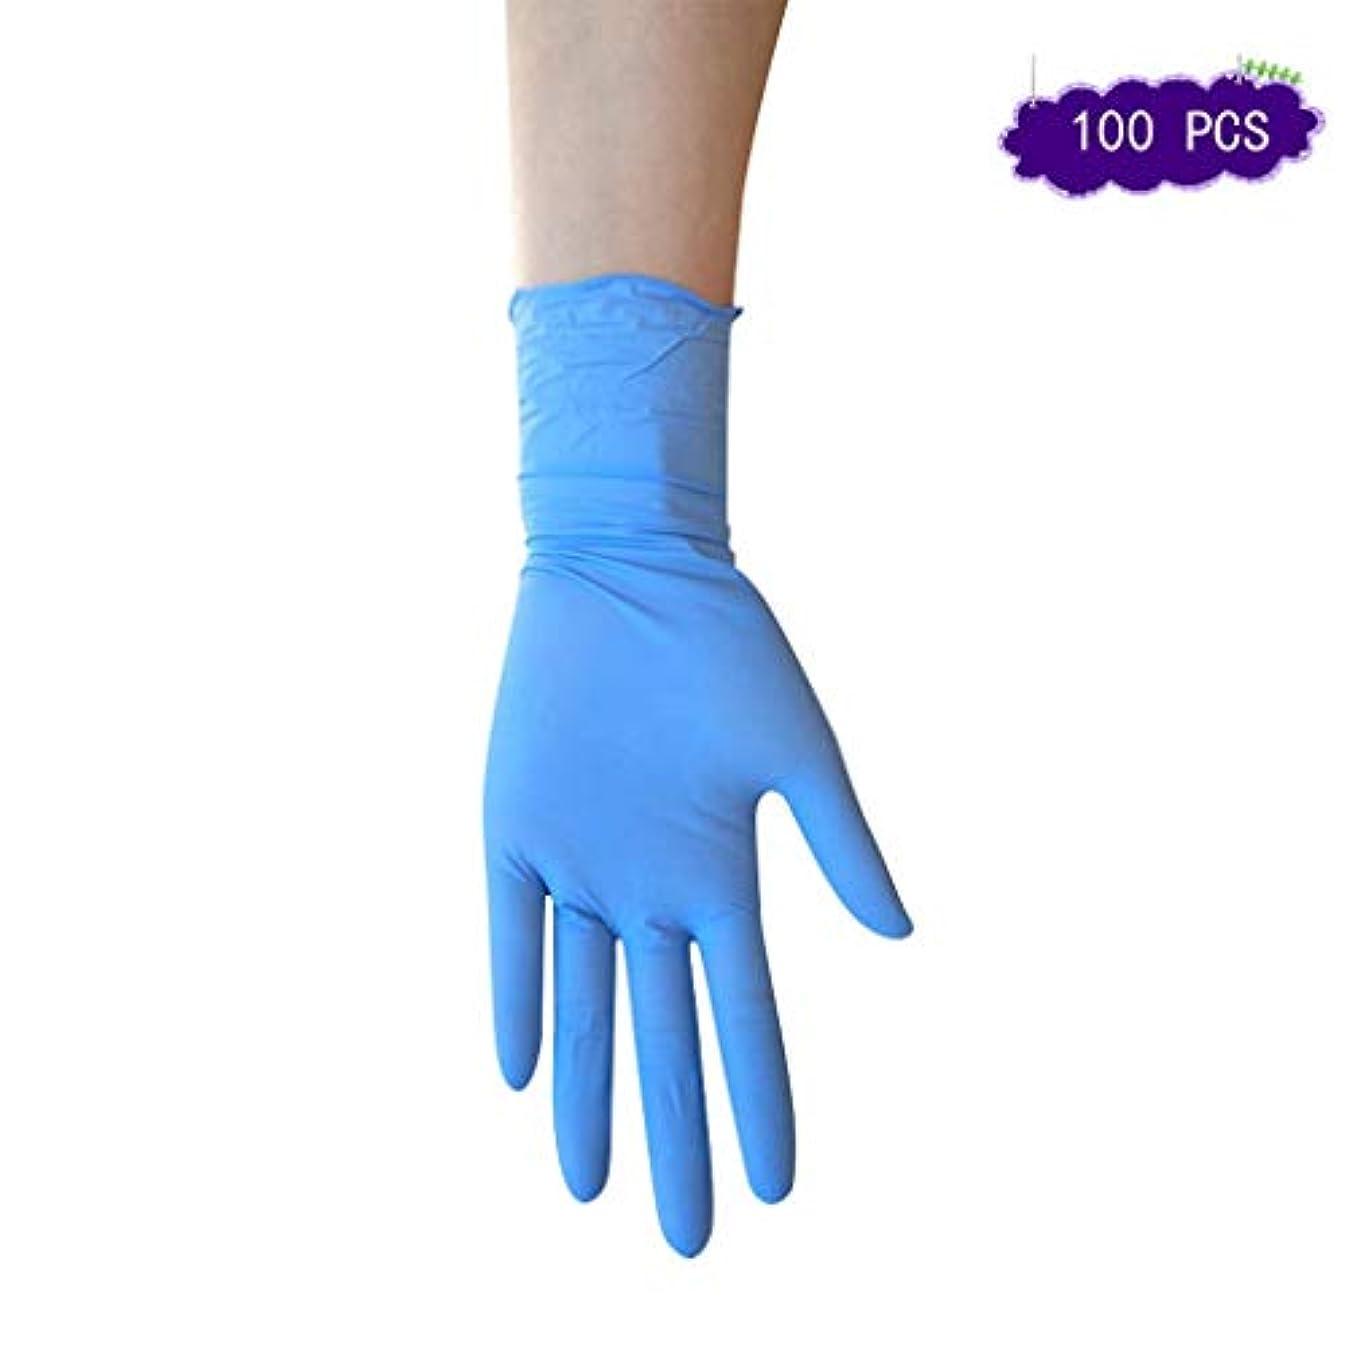 部直接柔らかい使い捨てラテックス手袋ニトリル低温保護医療滅菌手袋9インチブルースキッド手袋なしパウダー (Color : 9 inch, Size : S)